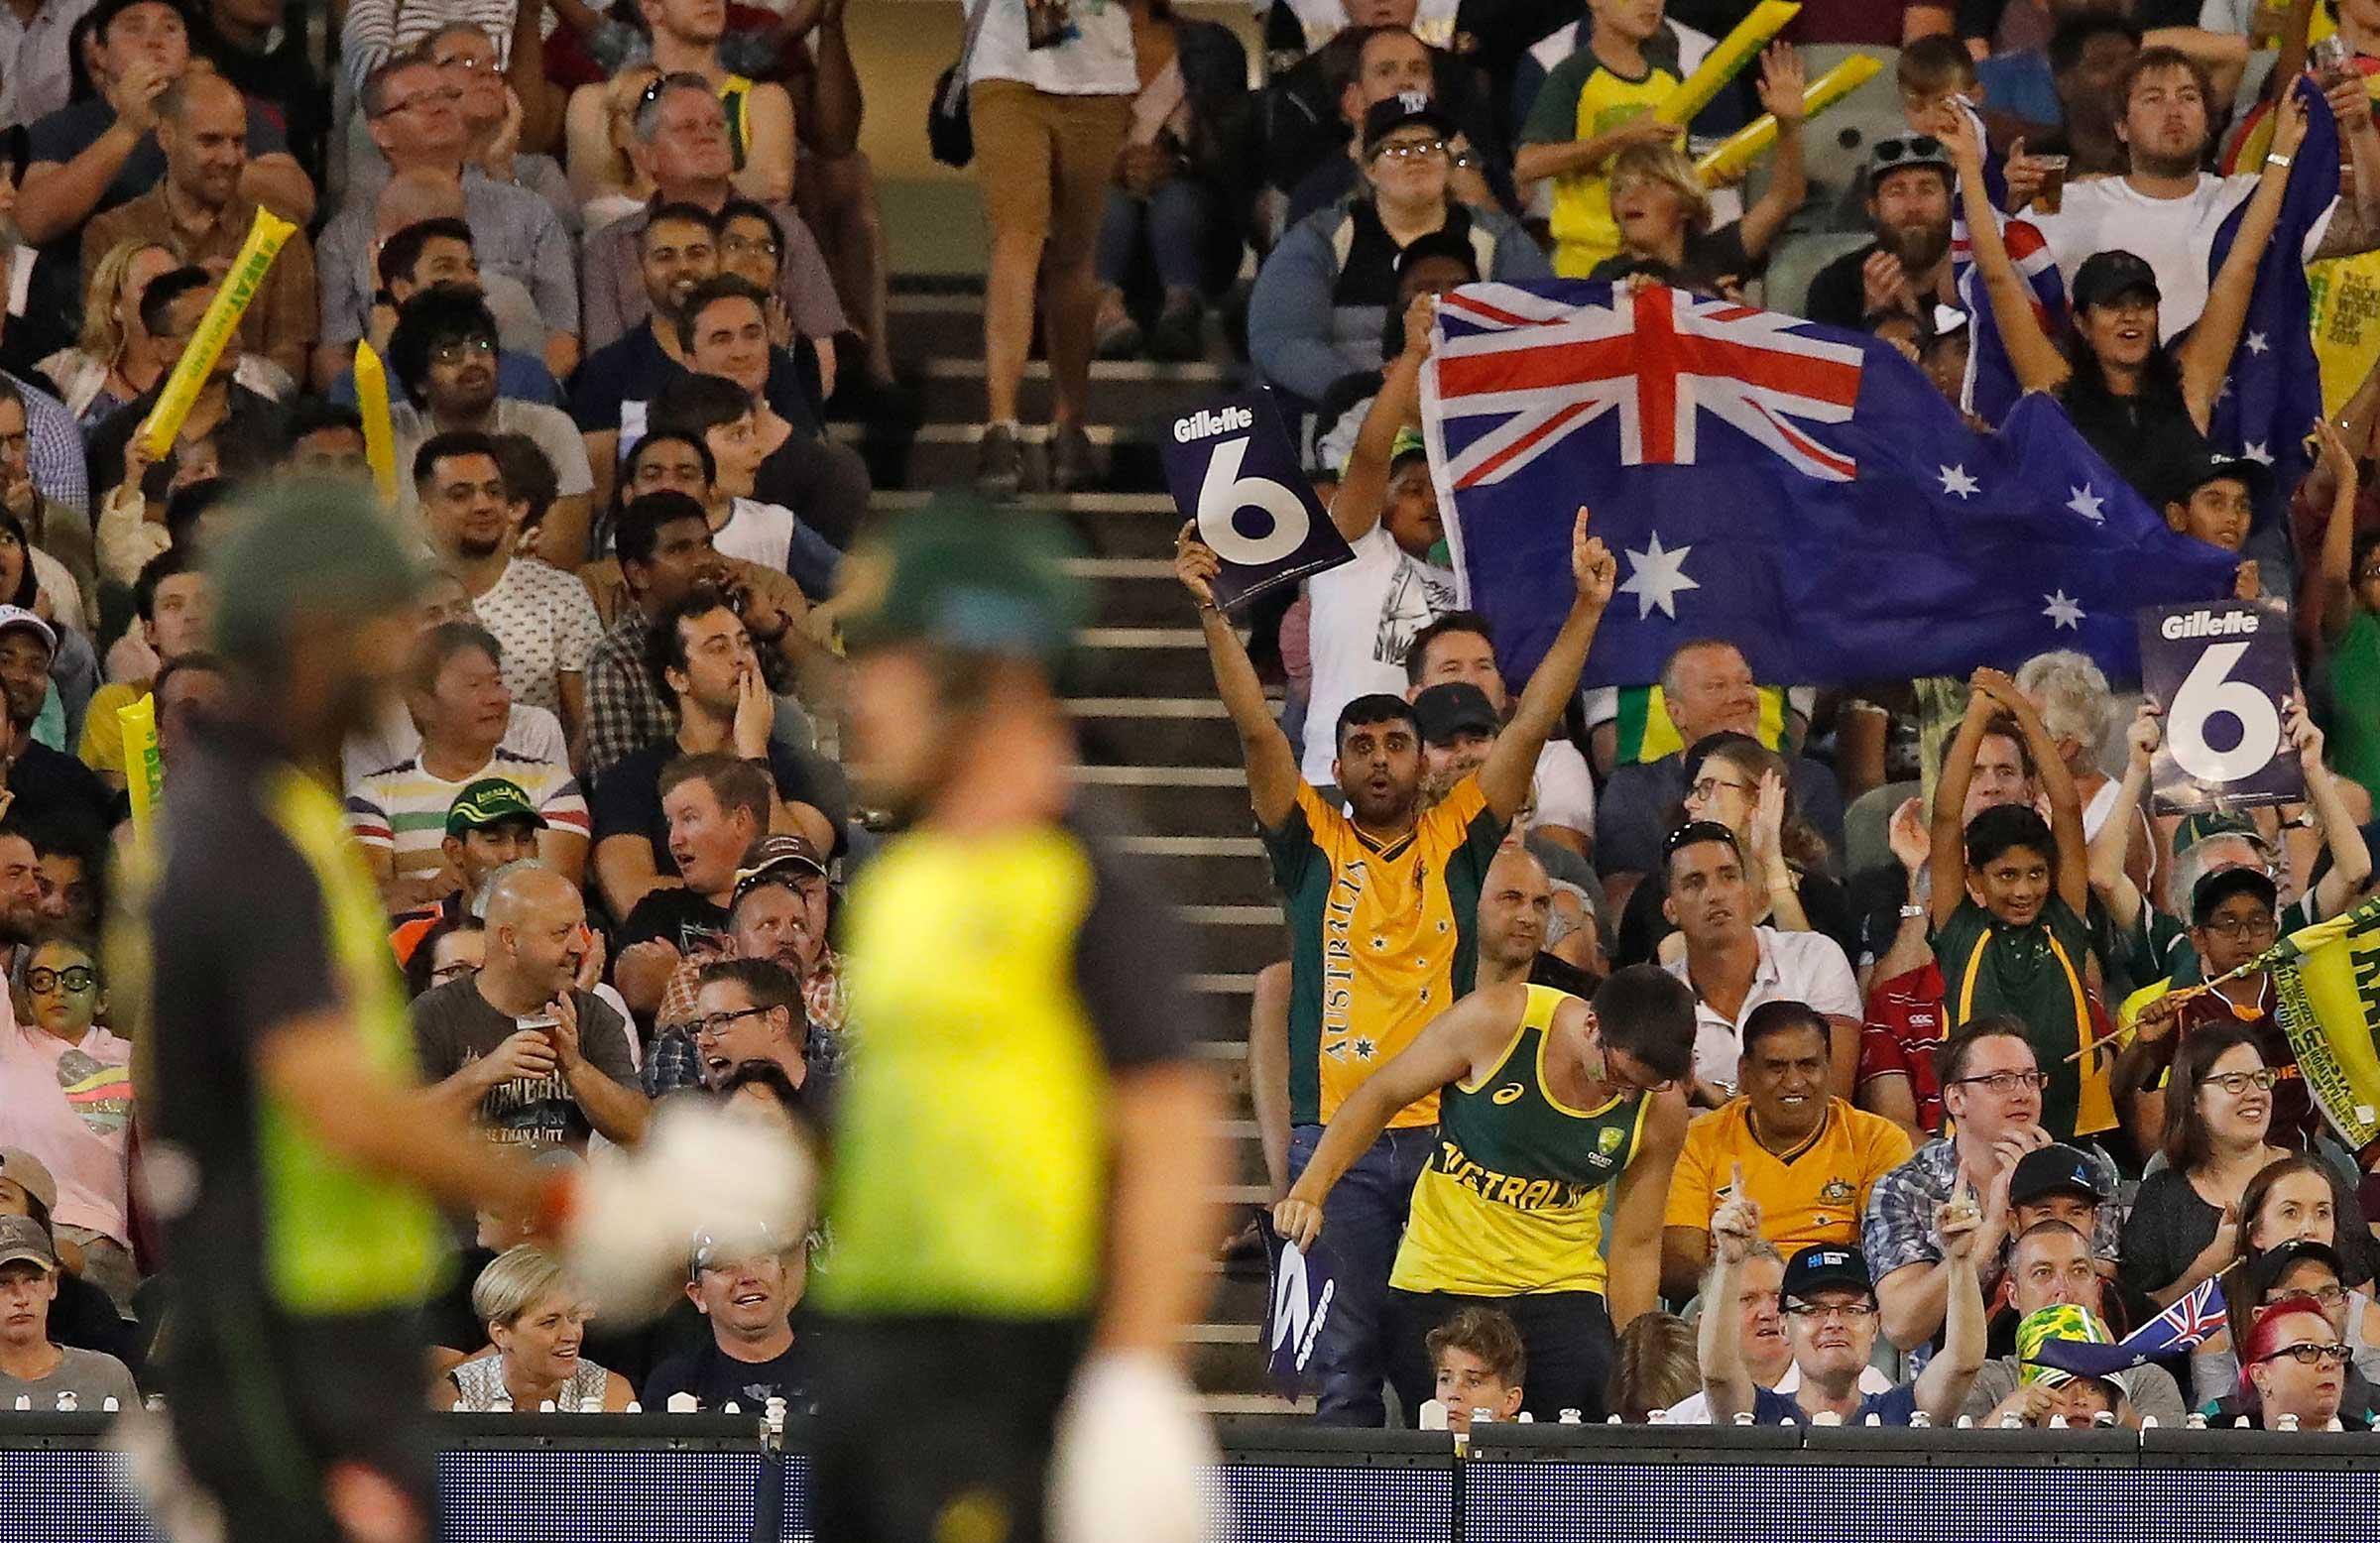 australia national cricket team schedule 2019